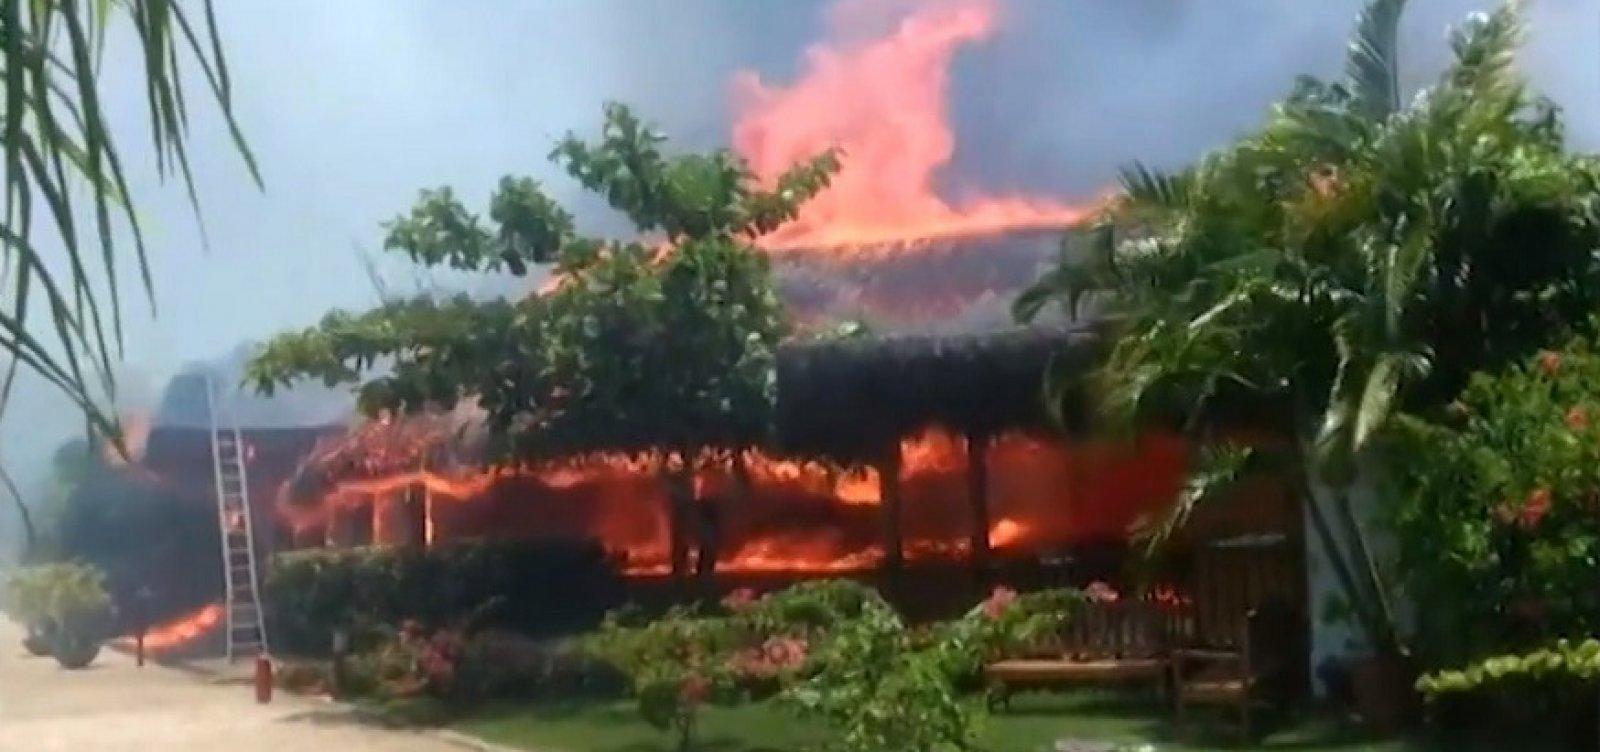 [Fogo em lixo se alastra e incêndio atinge hotel de luxo em Porto Seguro]